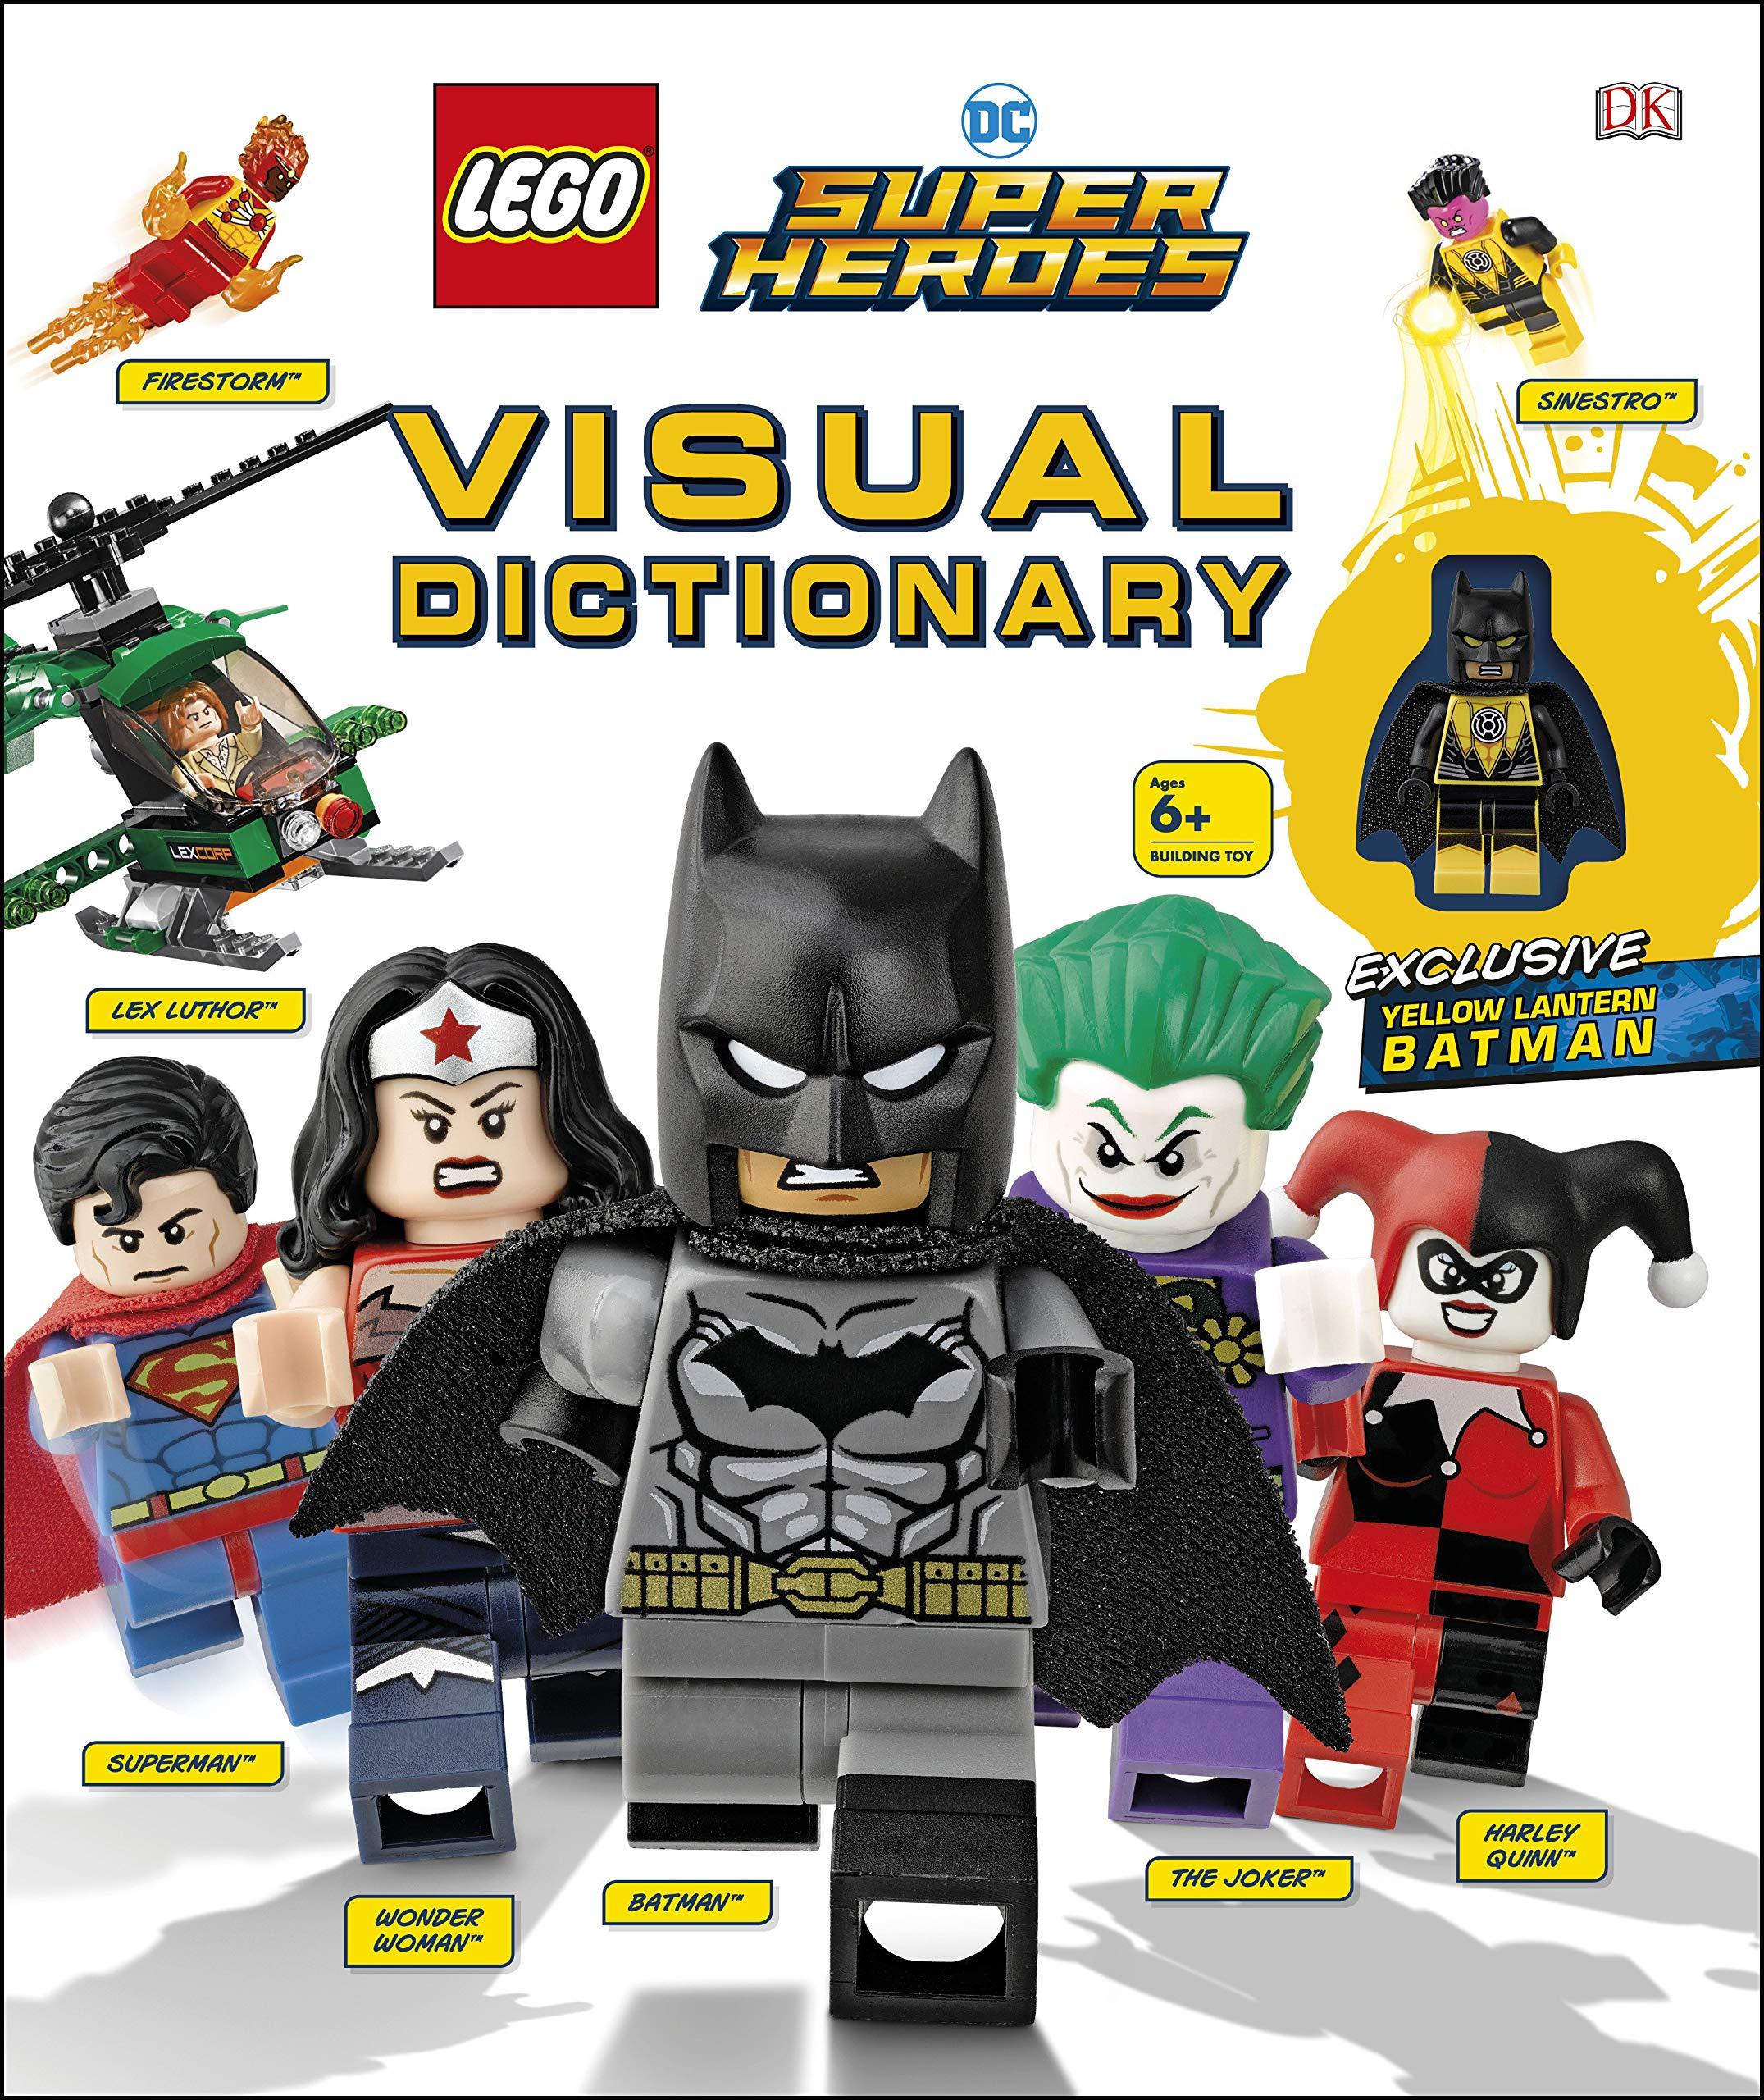 LEGO DC Super Heroes Visual Dictionary ebook